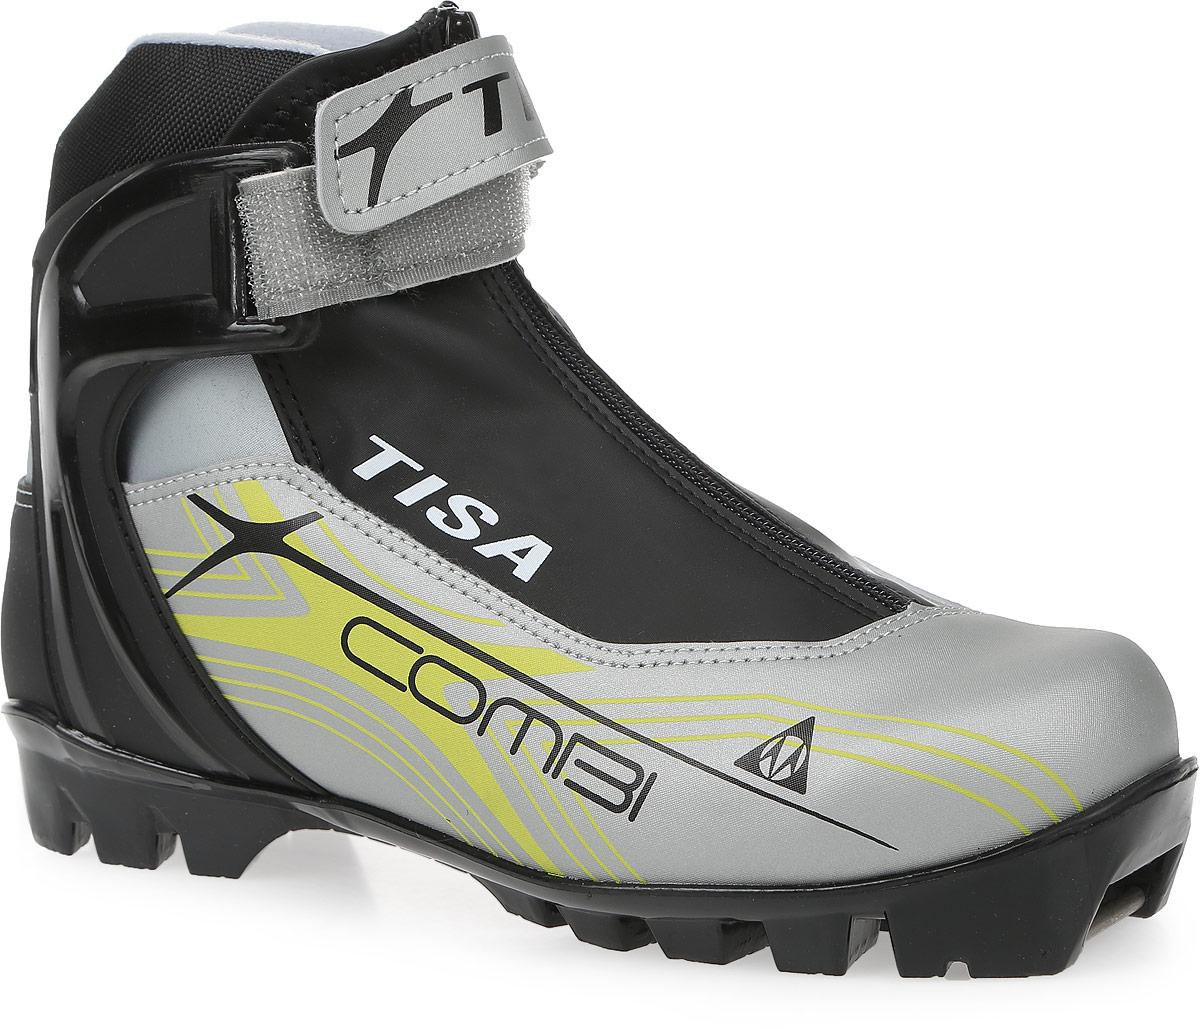 """Ботинки лыжные беговые Tisa """"Combi NNN"""", цвет: черный, серый, салатовый. Размер 44 S75715"""